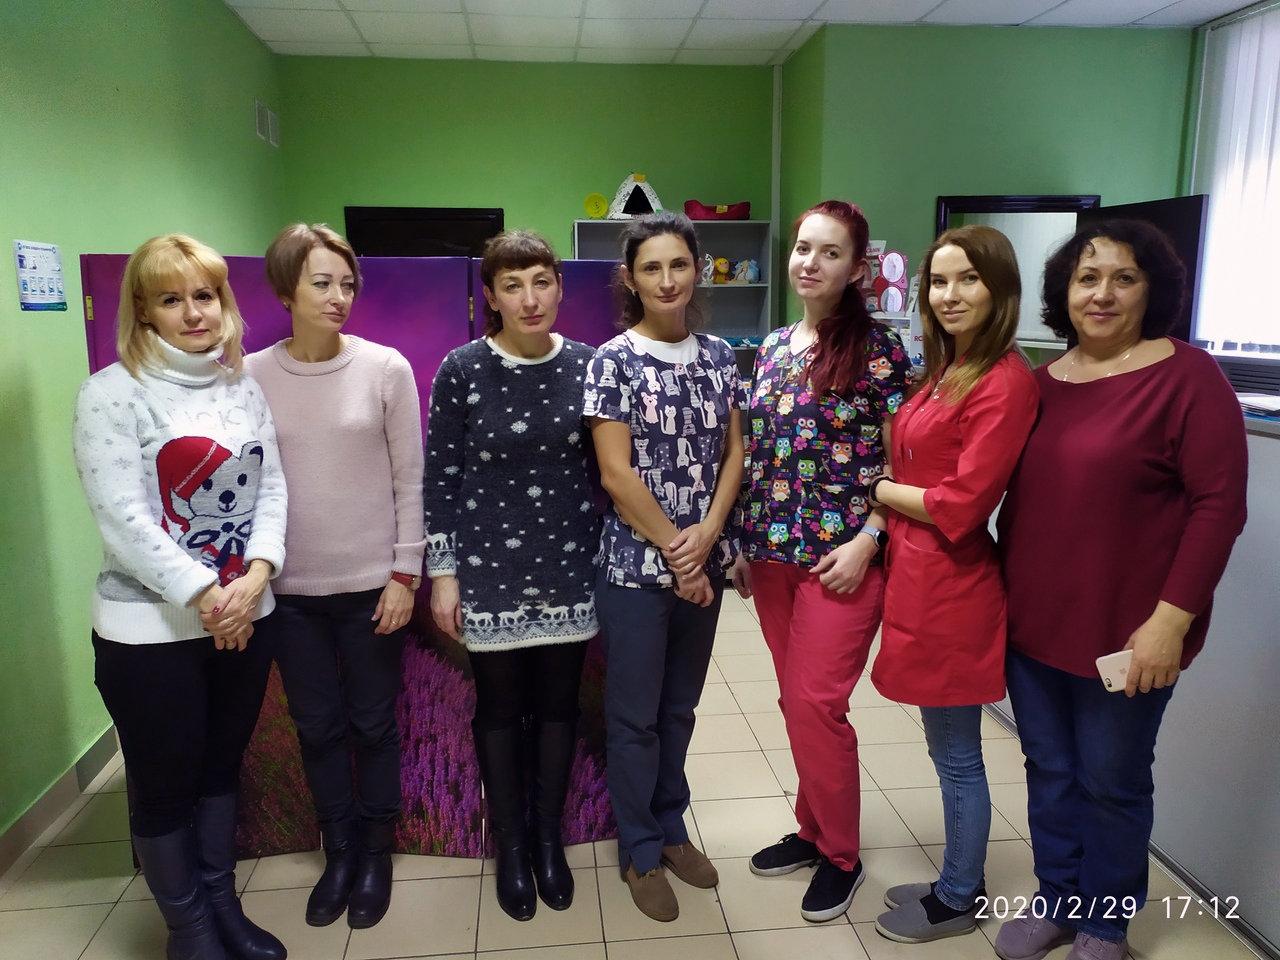 Белгородские зоозащитники провели акцию по льготной стерилизации домашних животных, фото-2